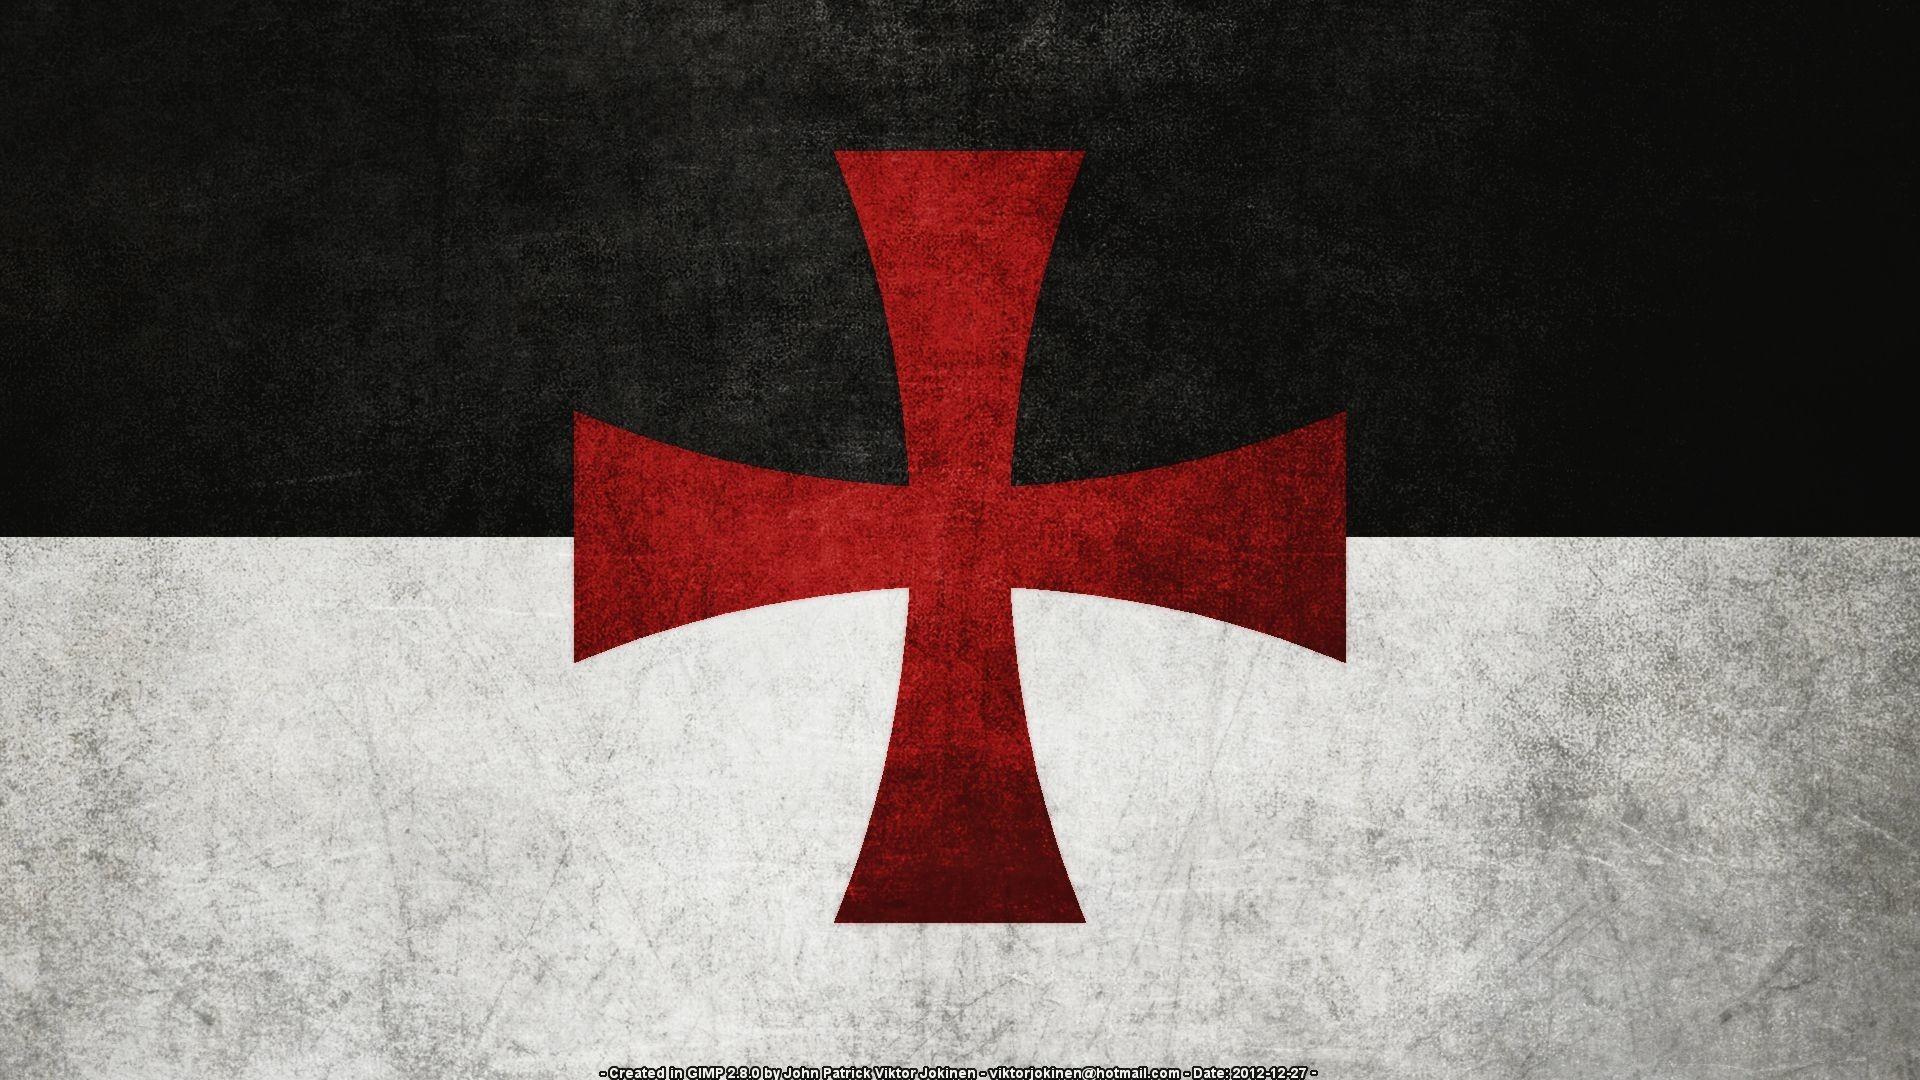 Res: 1920x1080, temple knight wallpaper - Google keresés